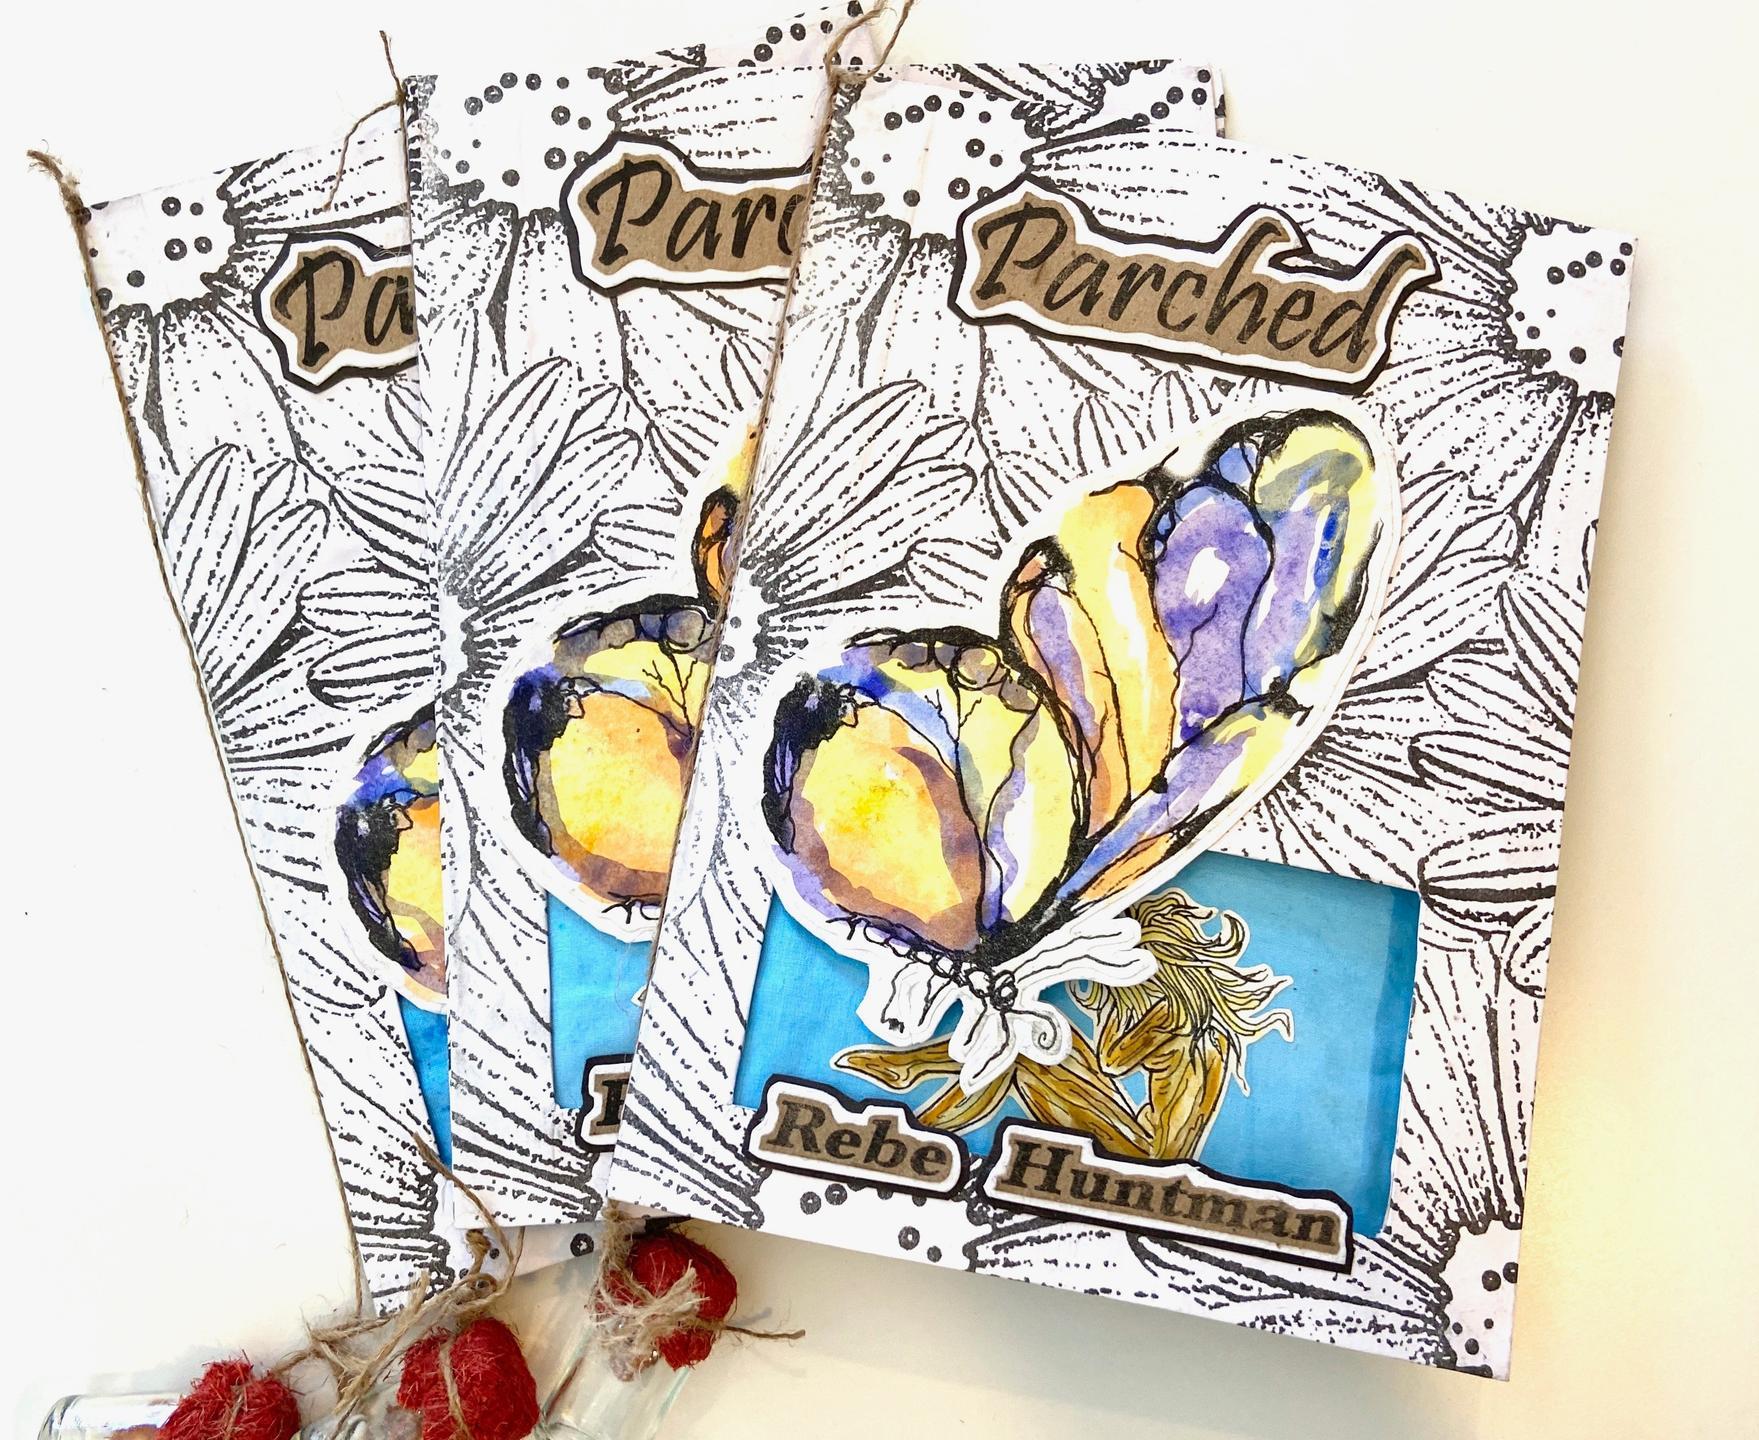 Artist book with Rebe Huntman's poems & lyric essay titled Parched handmade by Matanzas, Cuba's Ediciones Vigía